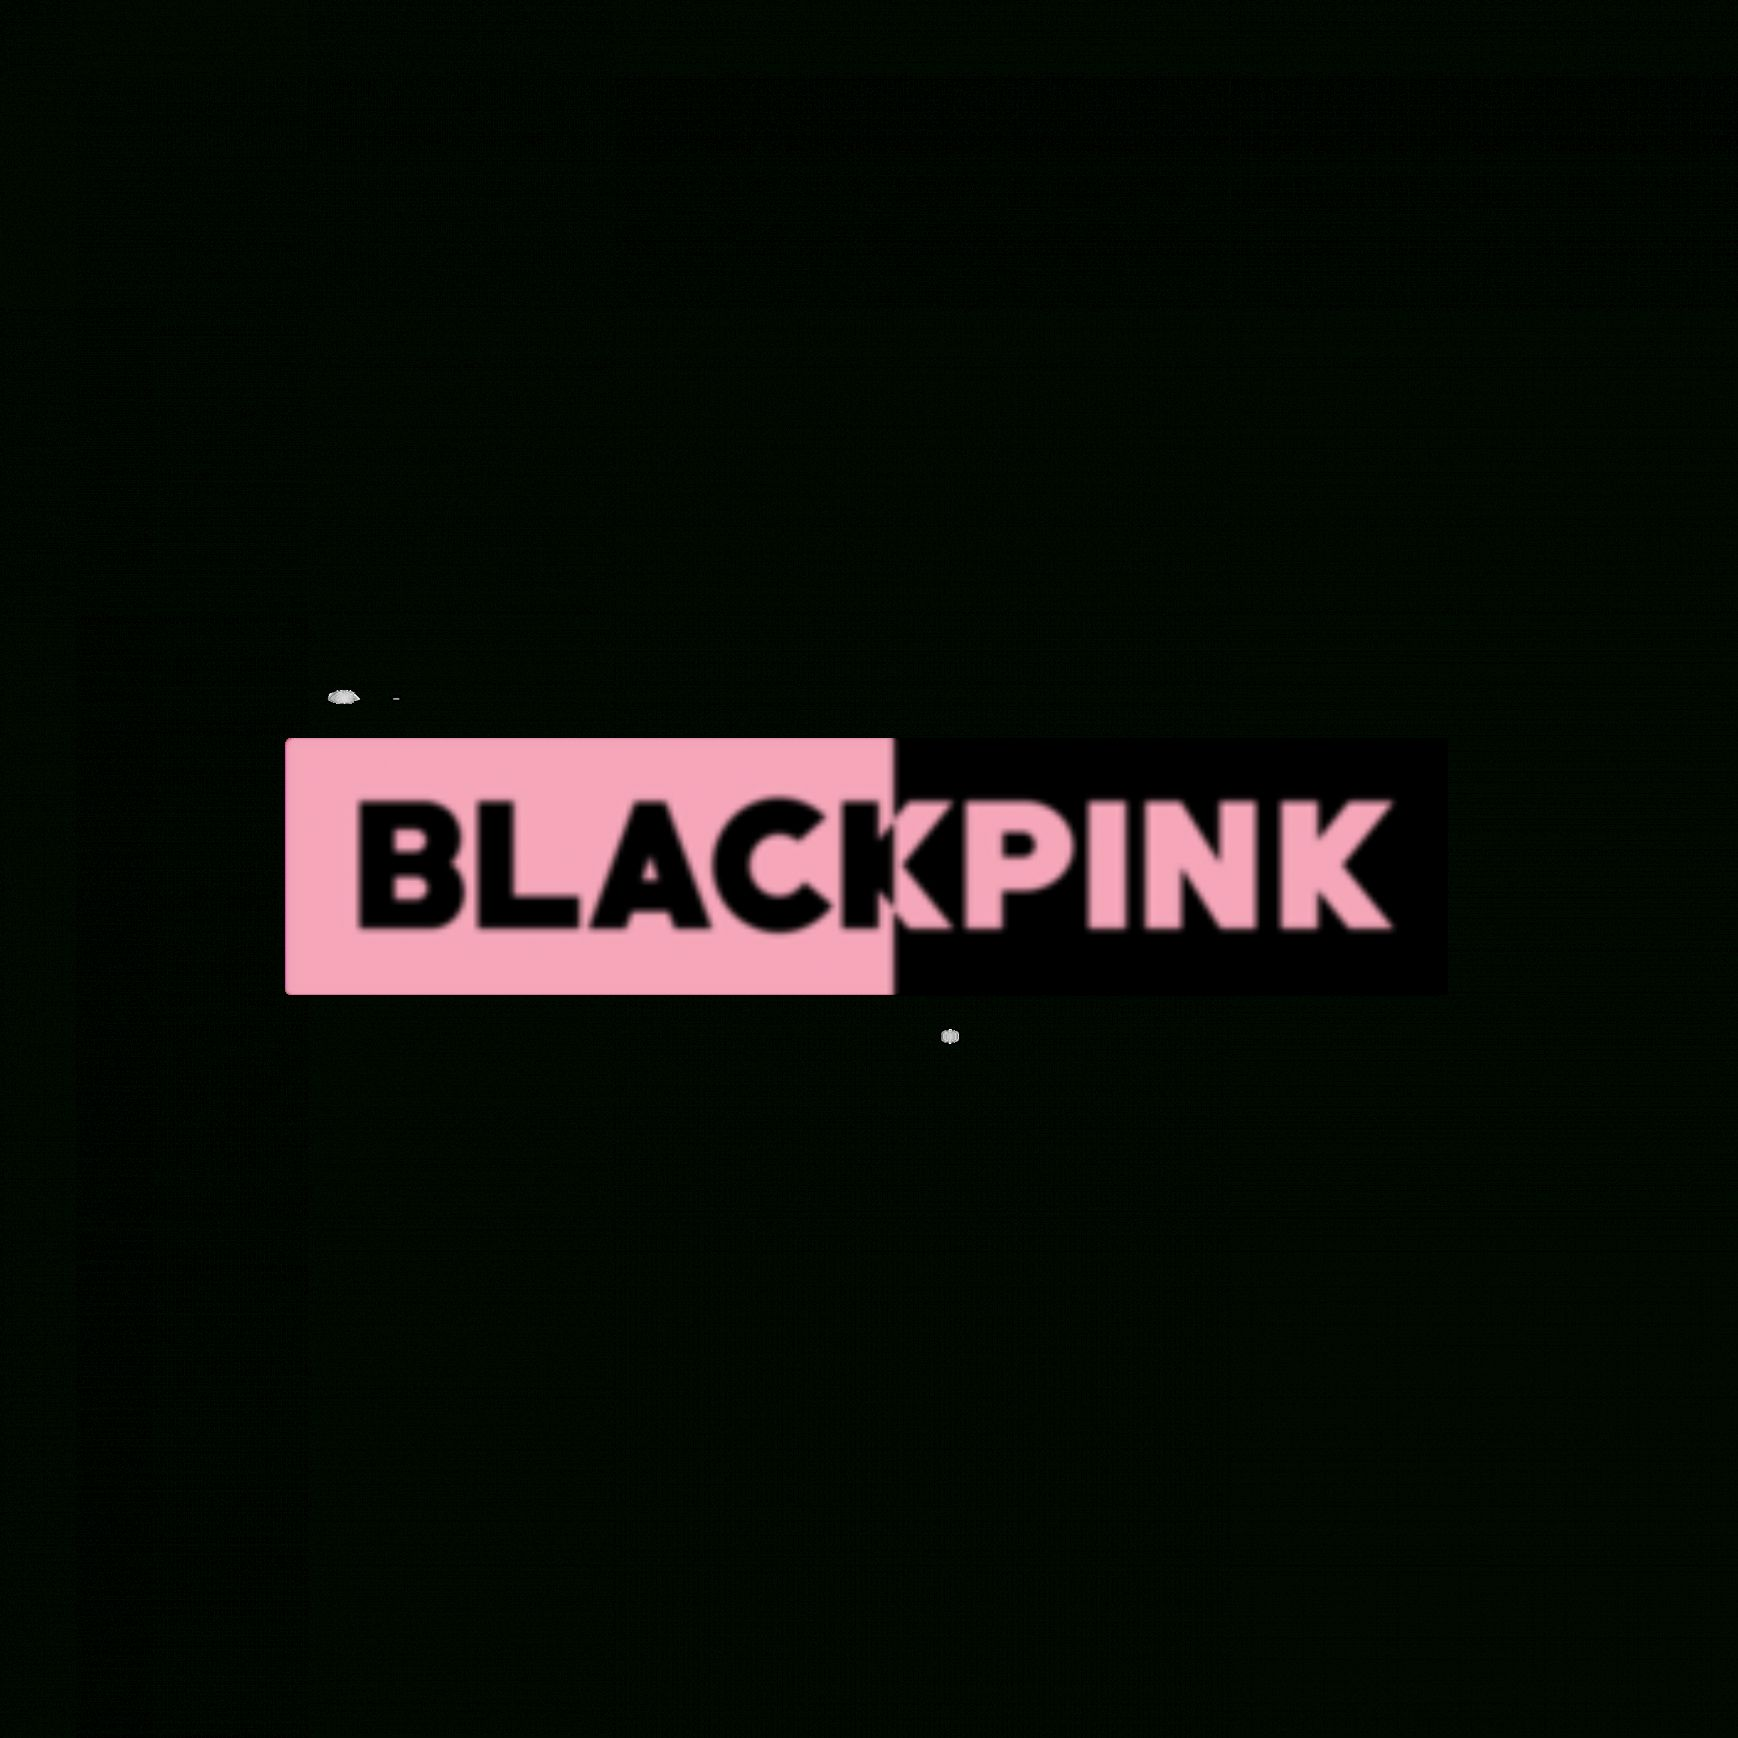 10+ Blackpink Logo Png in 2020 Blackpink, Love logo